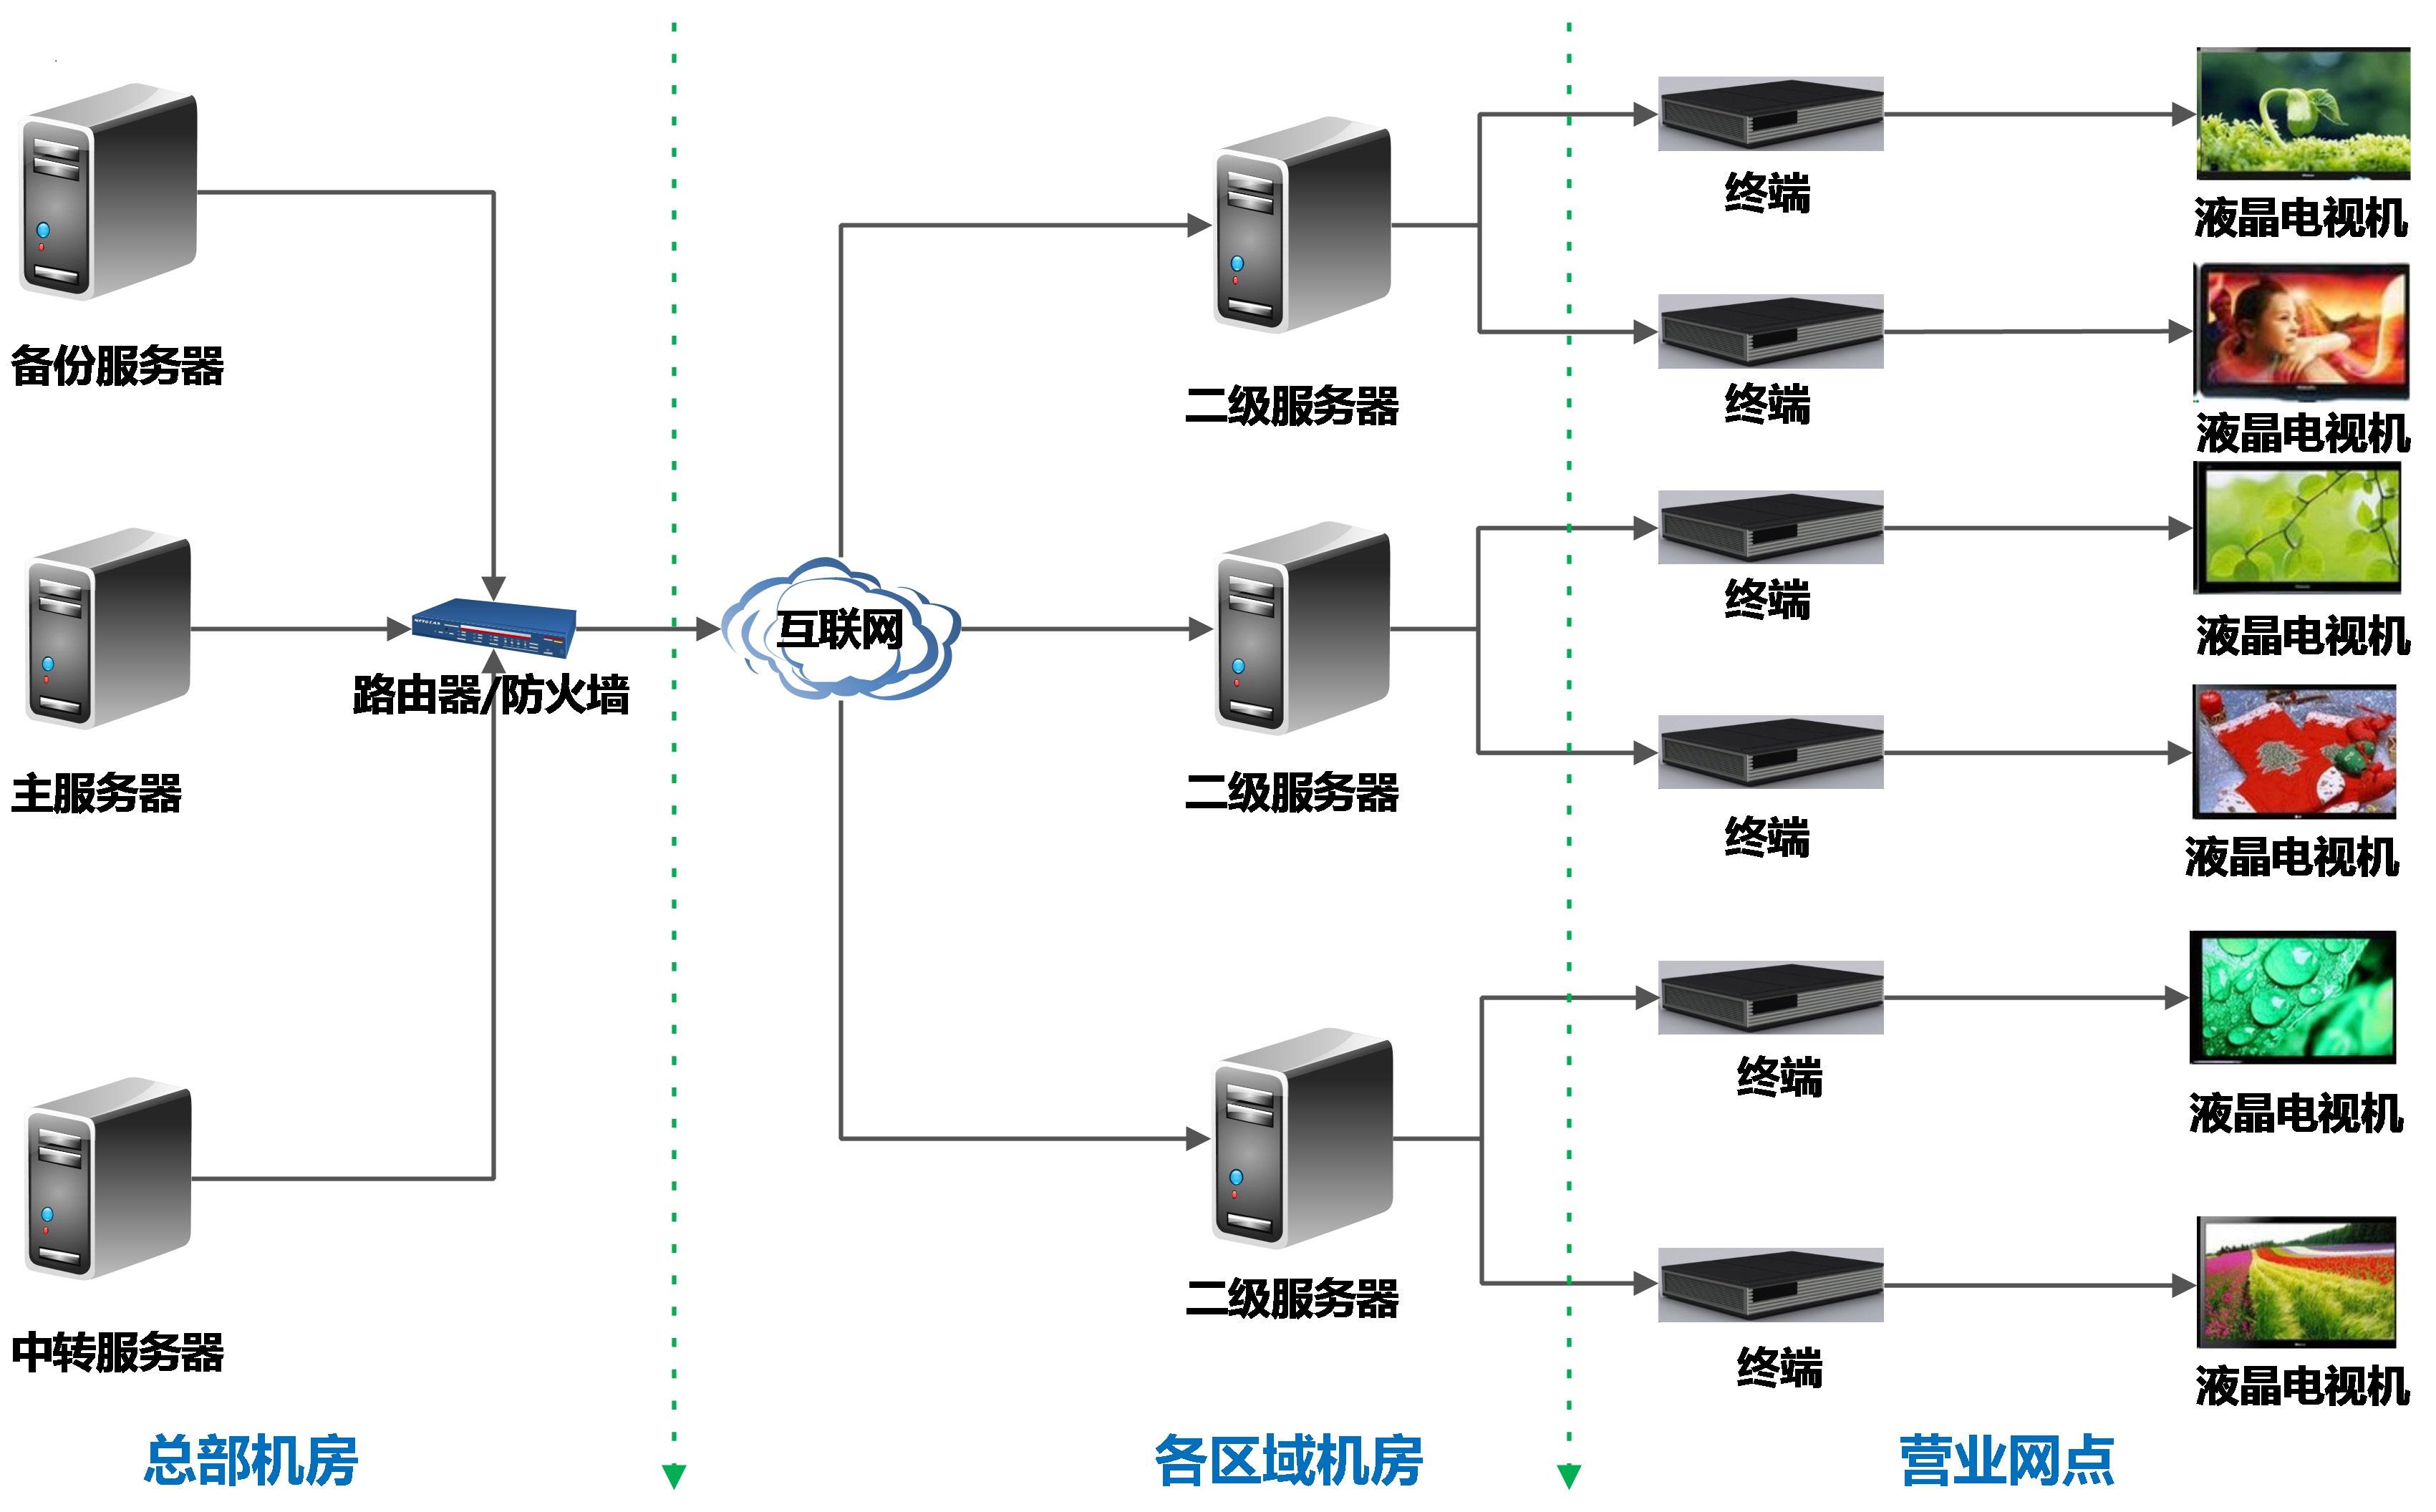 佳网JIAWEL多媒体播放控制器JW-STB06产品介绍